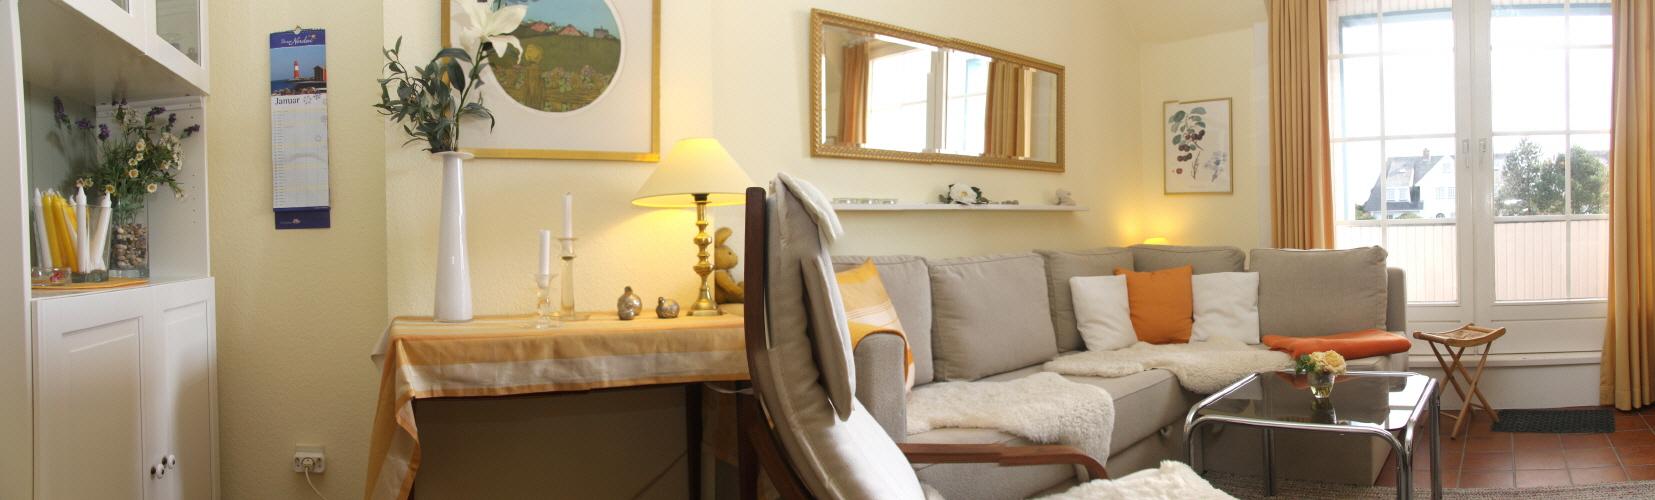 haw7. Black Bedroom Furniture Sets. Home Design Ideas